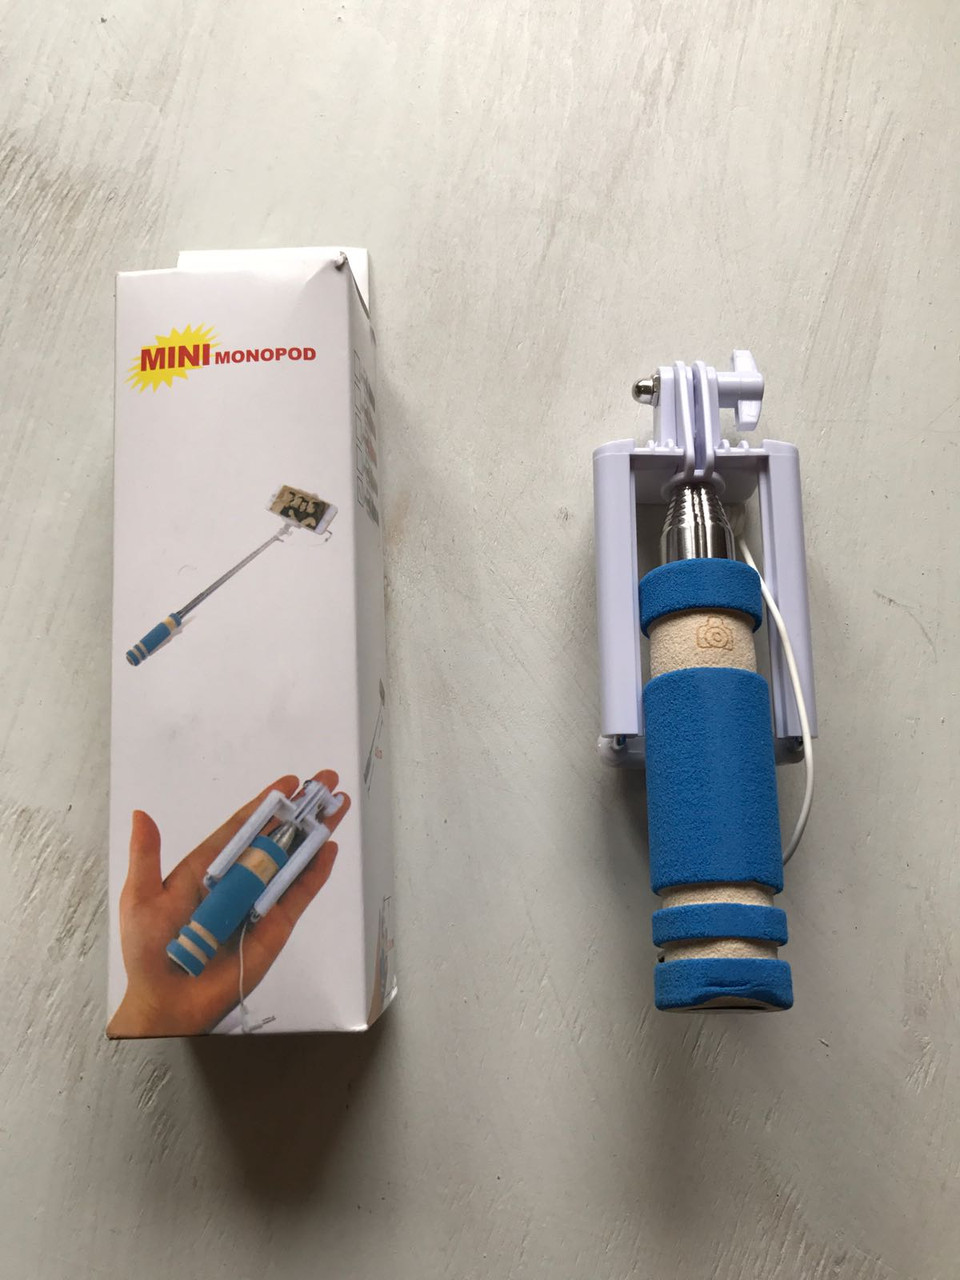 Голубой монопод мини (селфи палка) для телефона